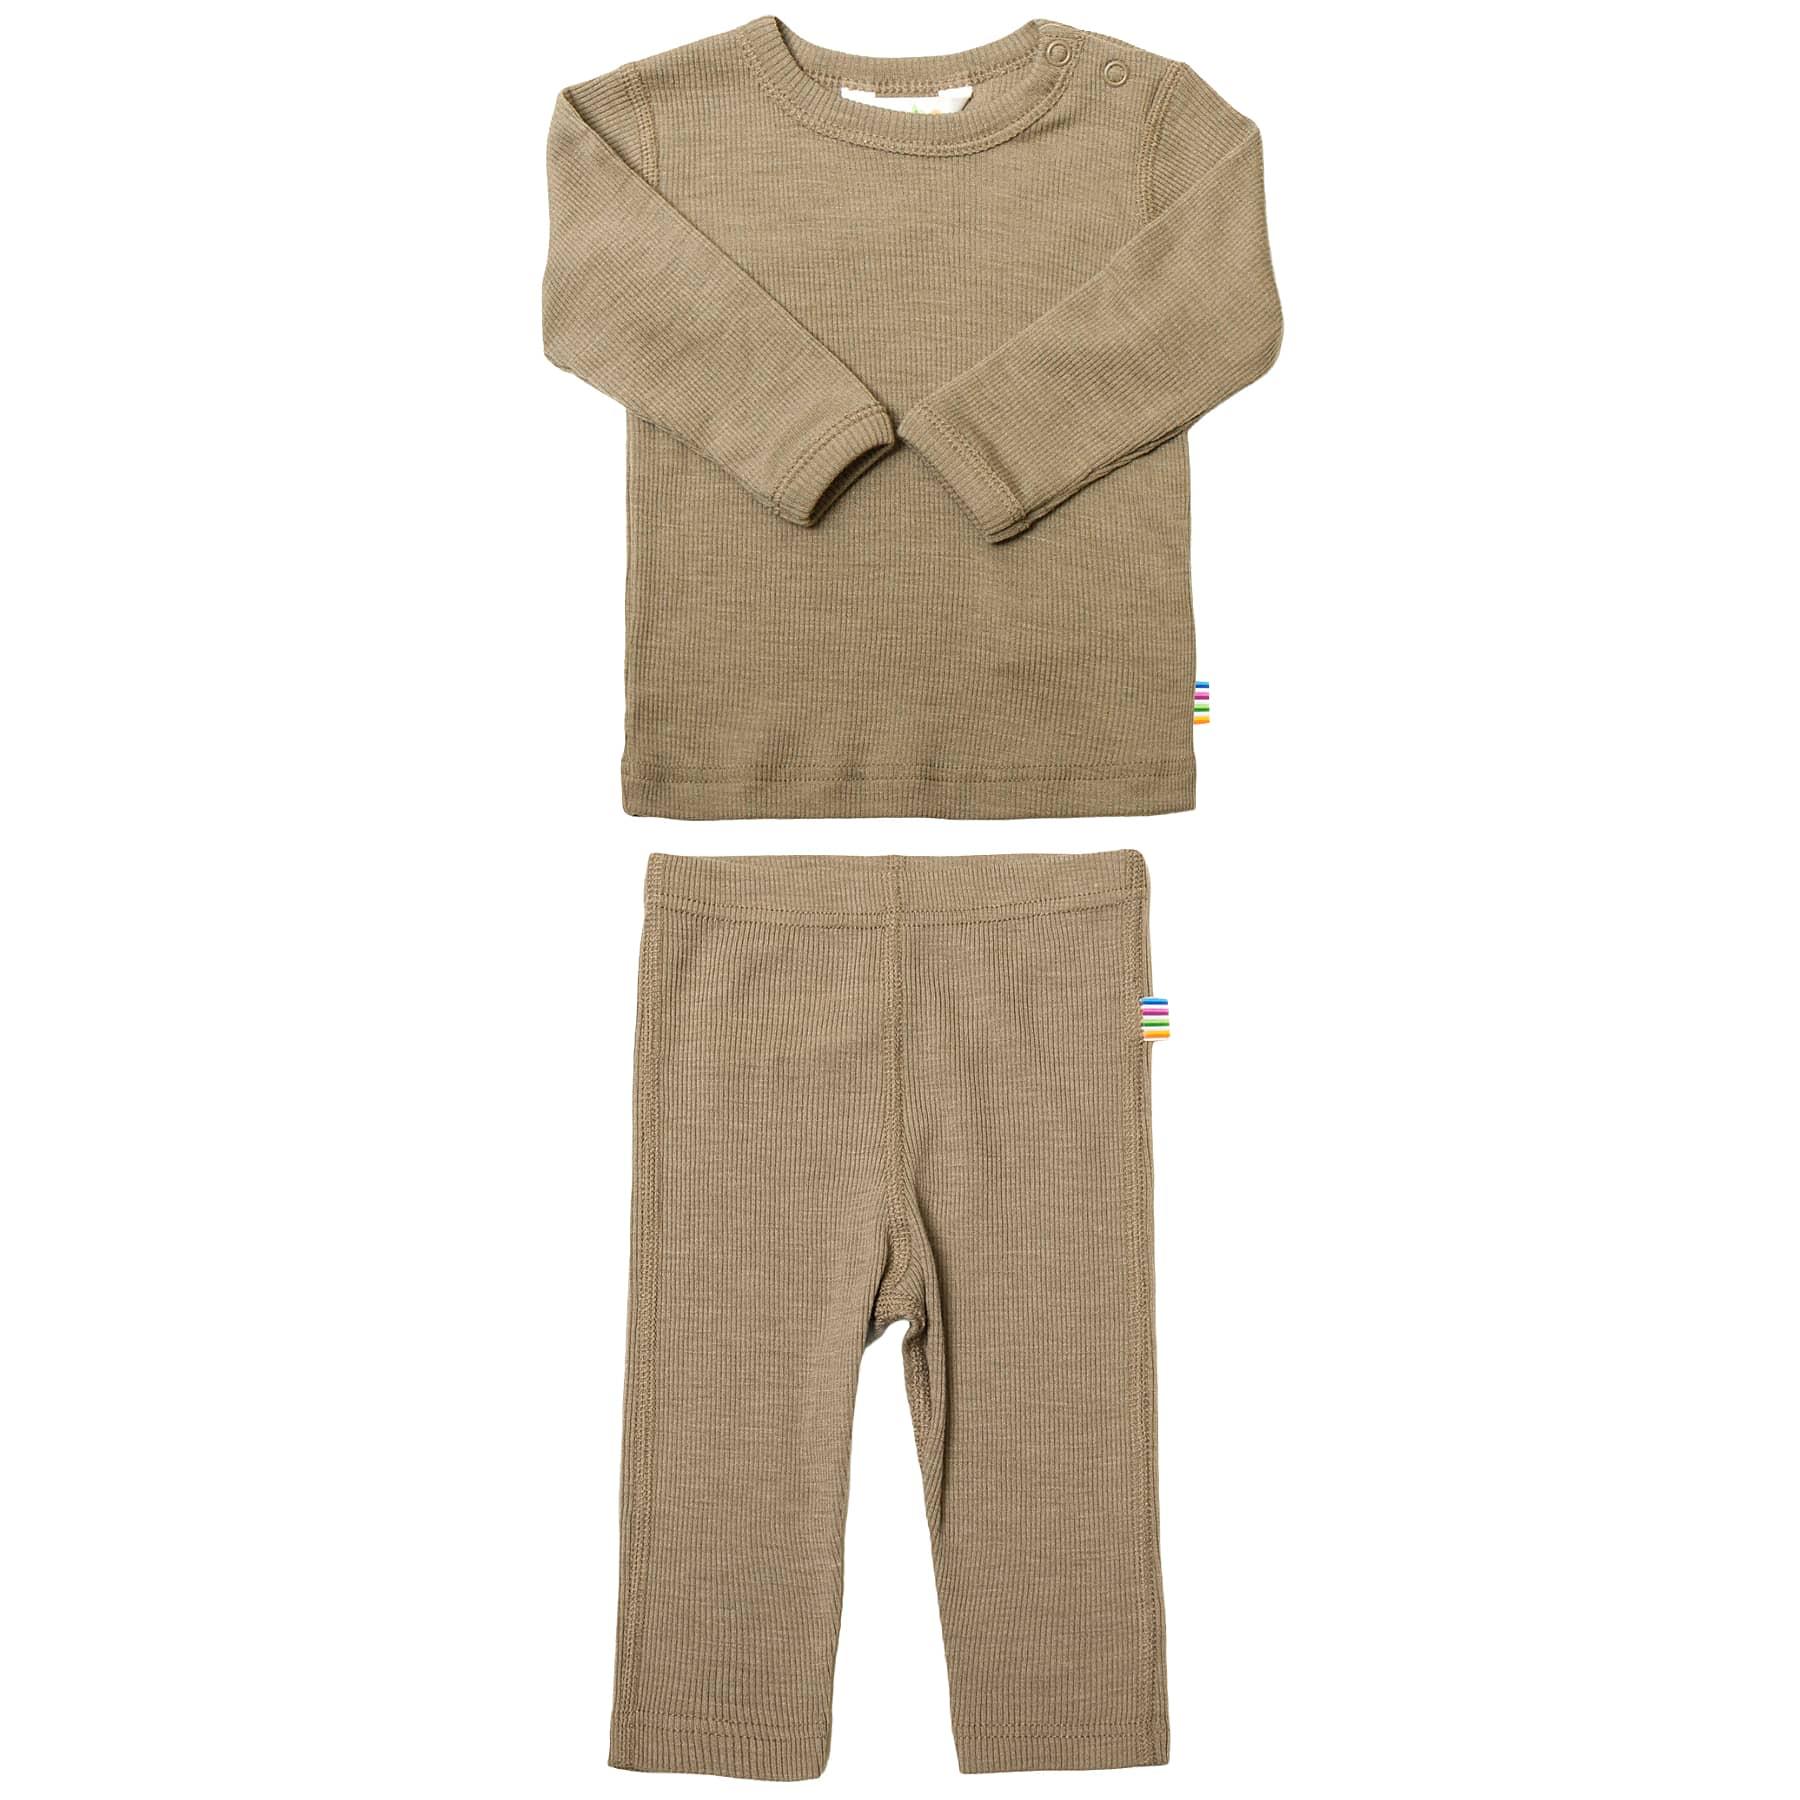 Joha nattøj i uld silke. Sæt af langærmet undertrøje og lange underbukser i beige.